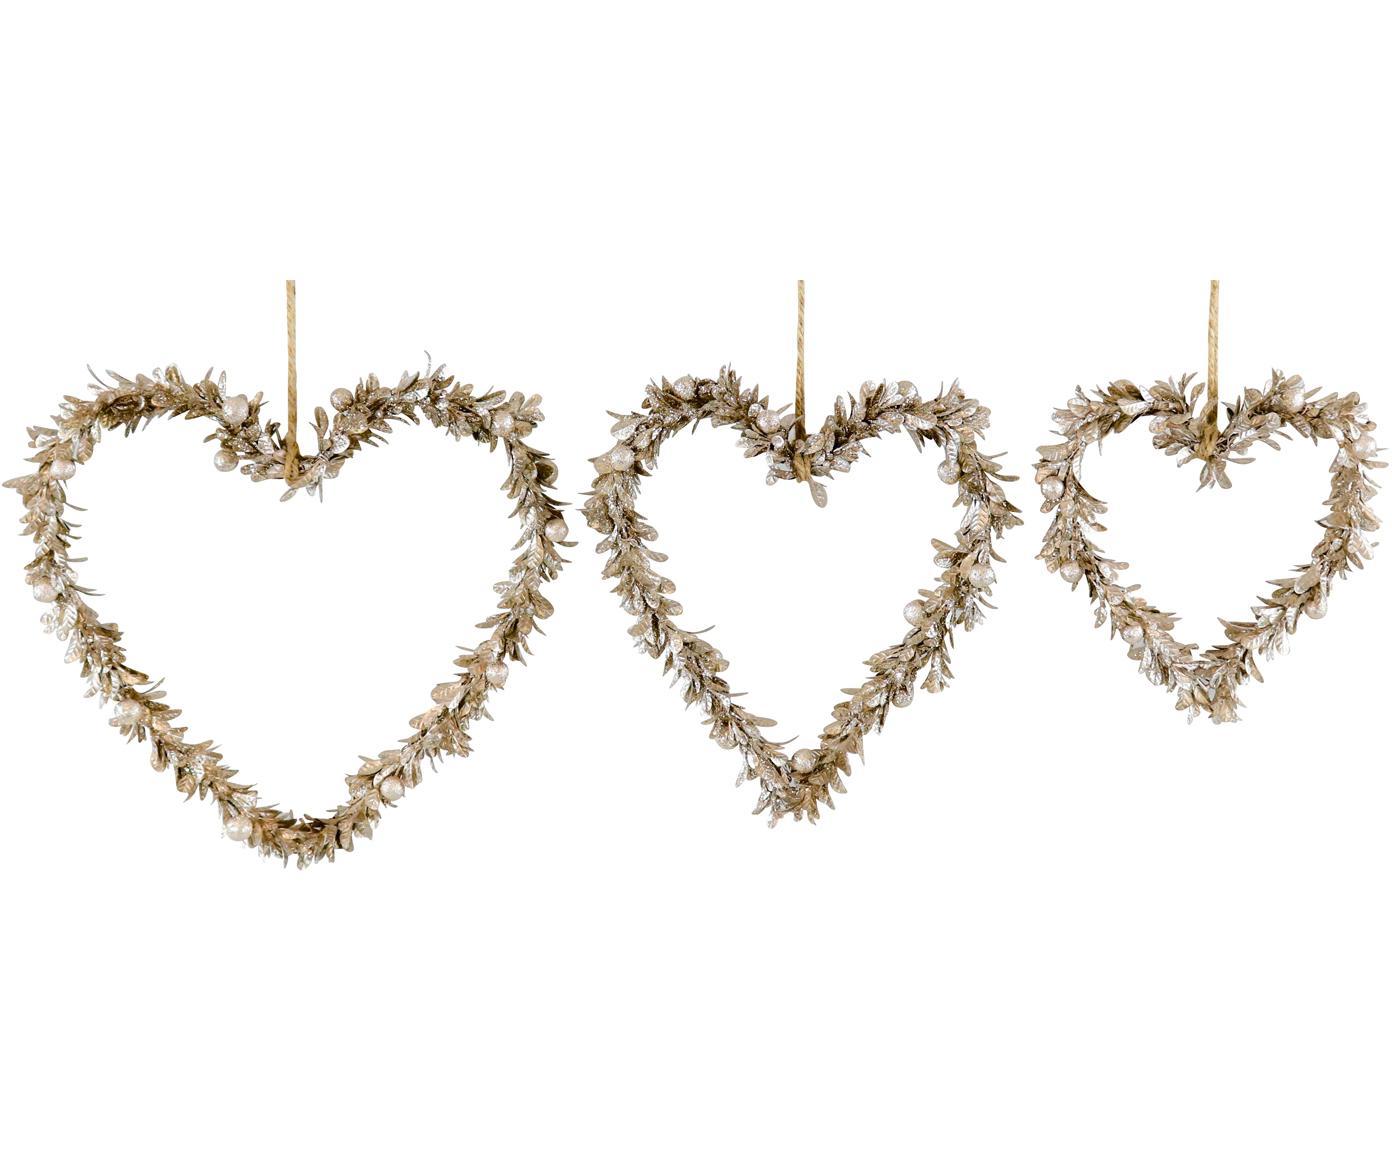 Set de decoraciones para colgar Lovely, 3pzas., Espuma de poliestireno, plástico, metal, madera, Dorado, Set de diferentes tamaños